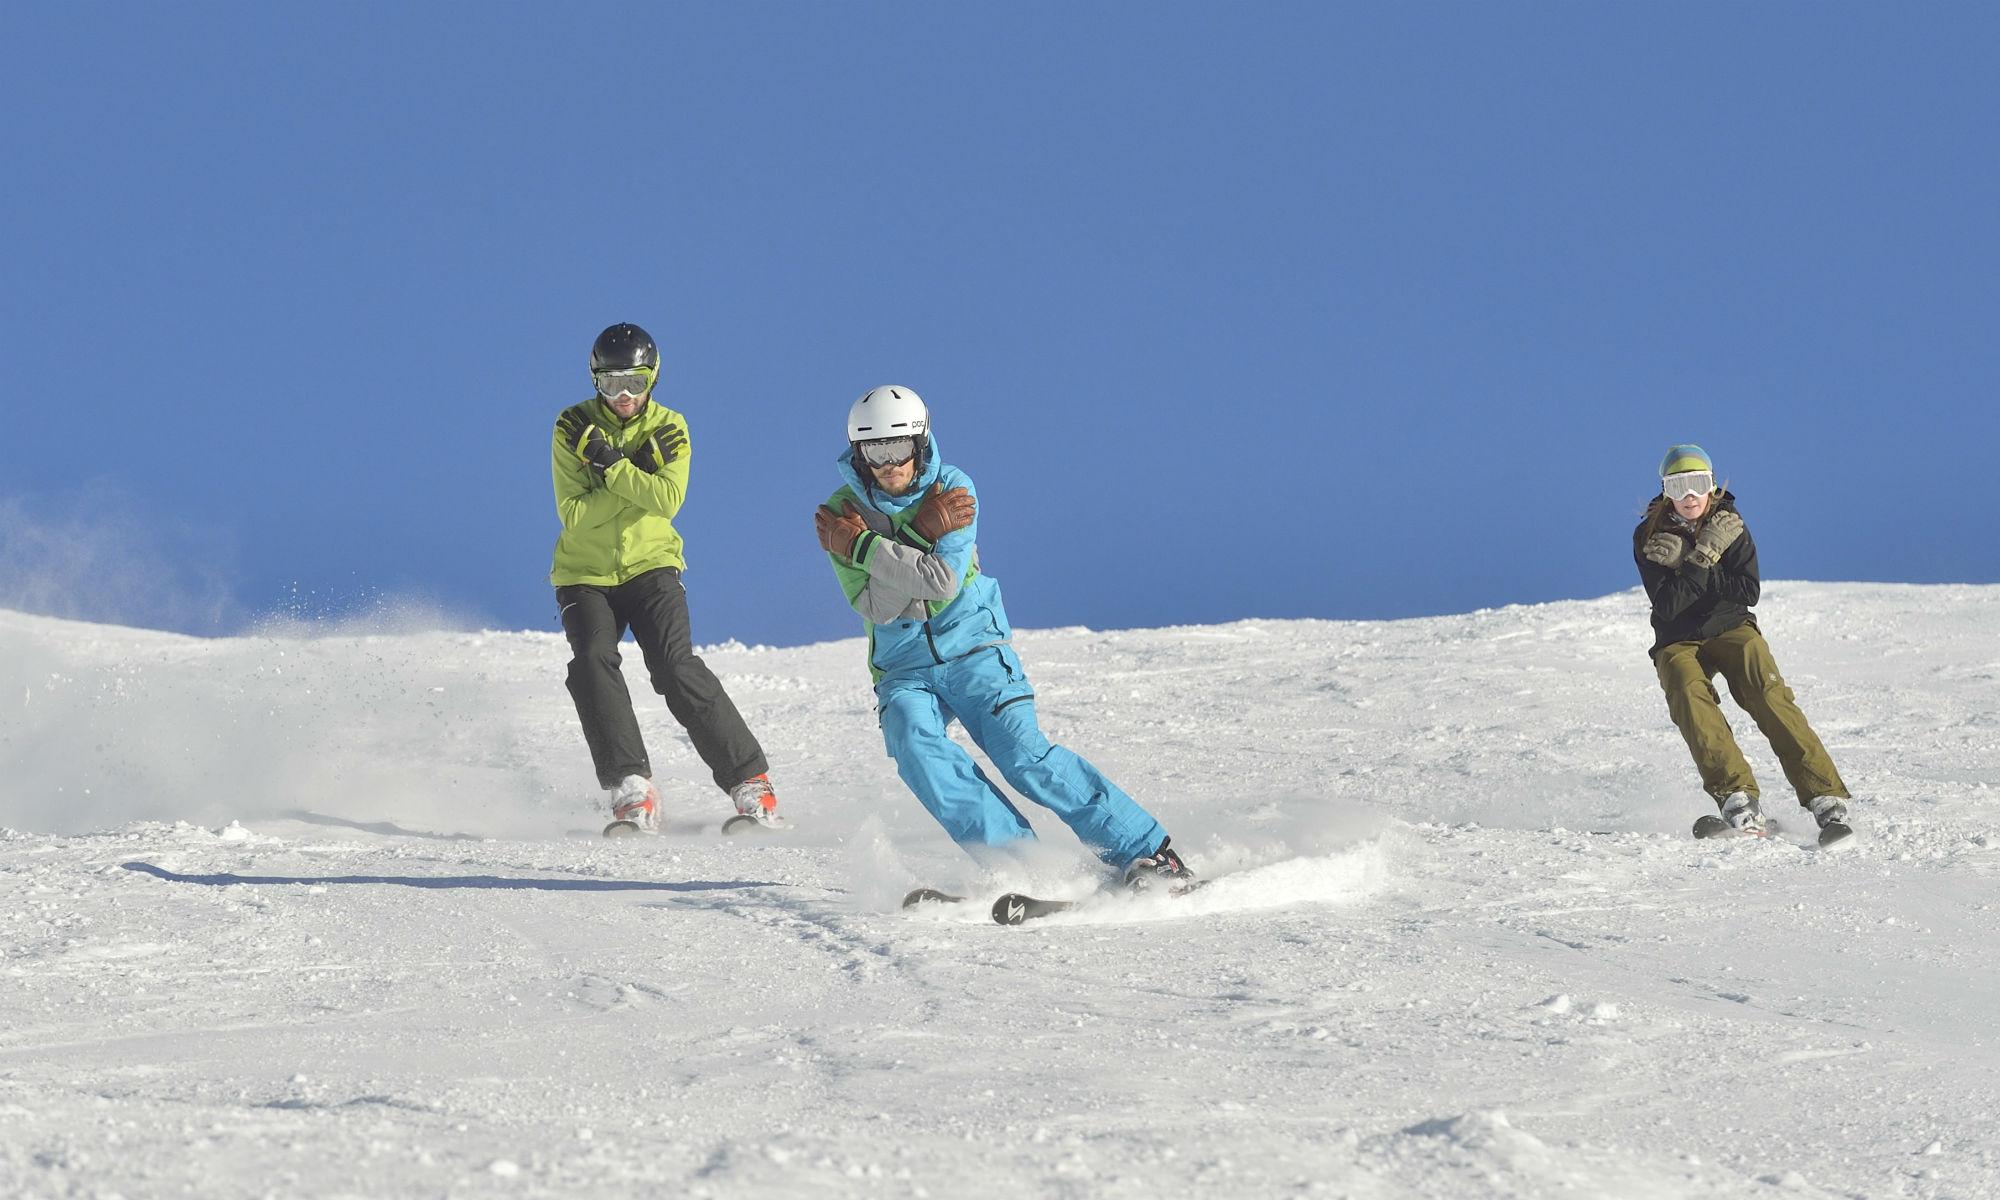 Privater Skilehrer mit 2 fortgeschrittenen Skifahrern beim Üben auf der sonnigen Piste.